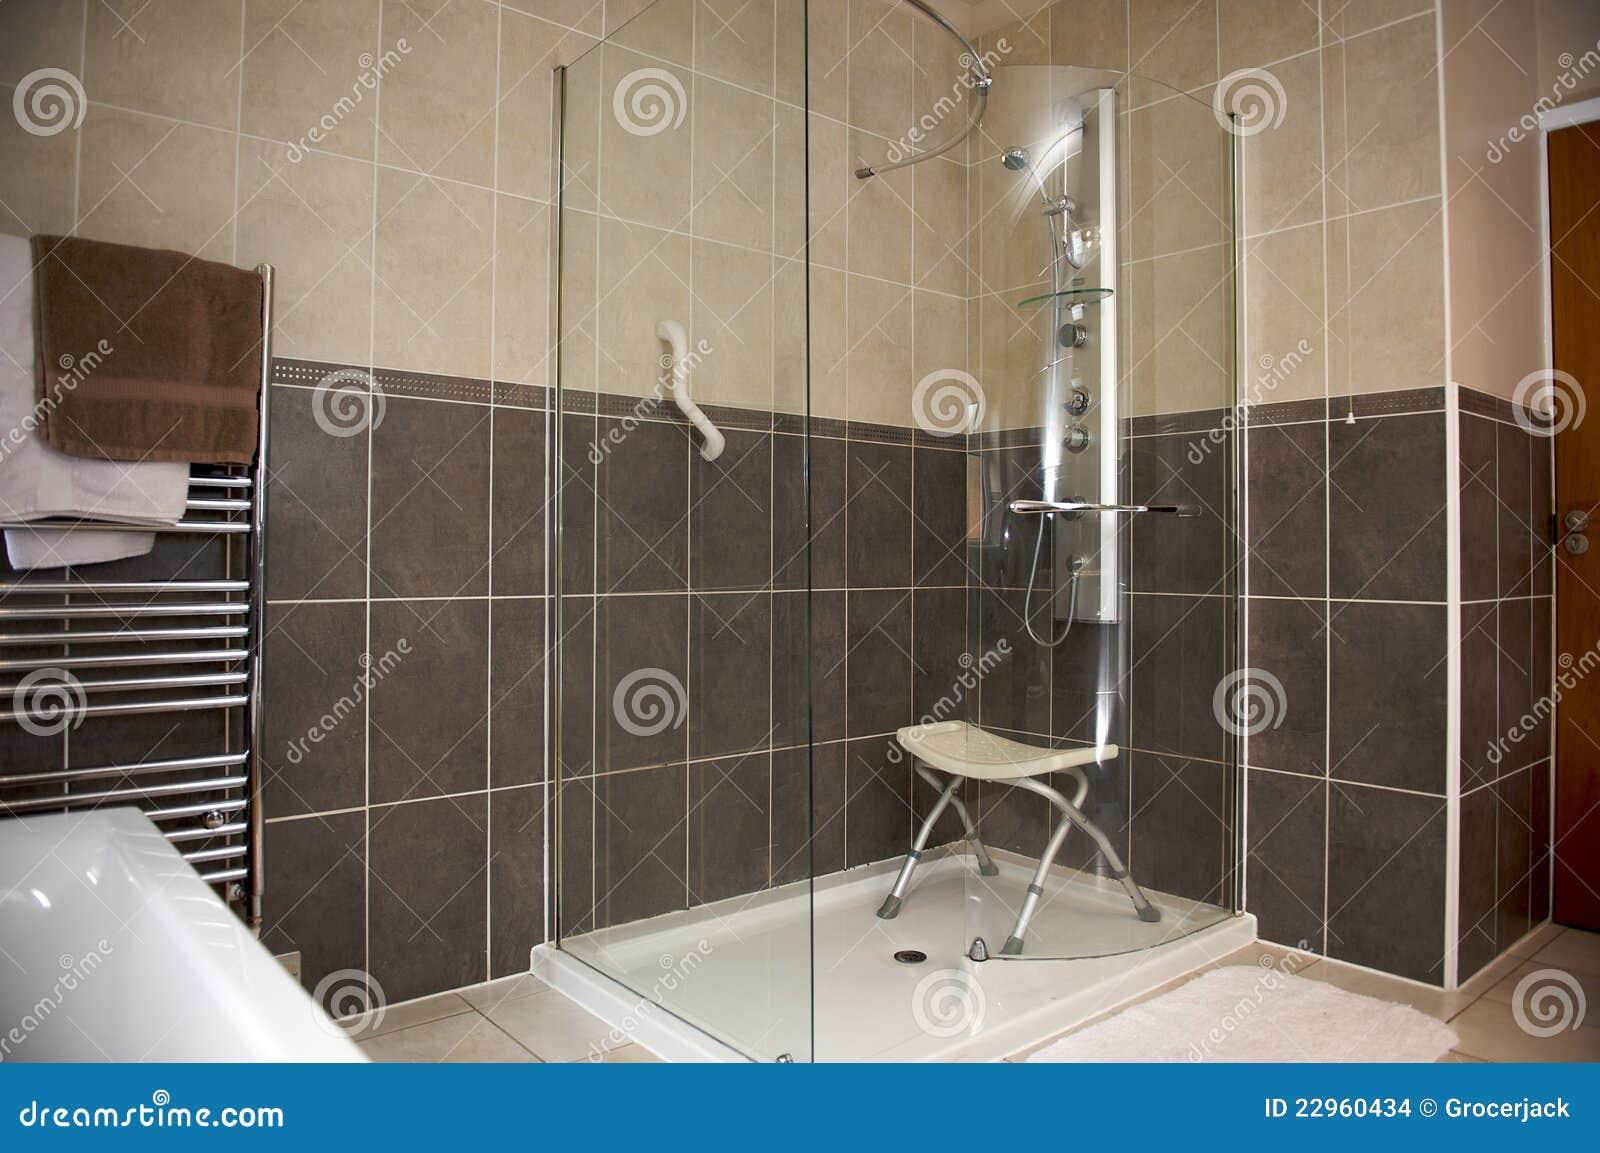 behinderte duschen ma einheit stockbilder bild 22960434. Black Bedroom Furniture Sets. Home Design Ideas